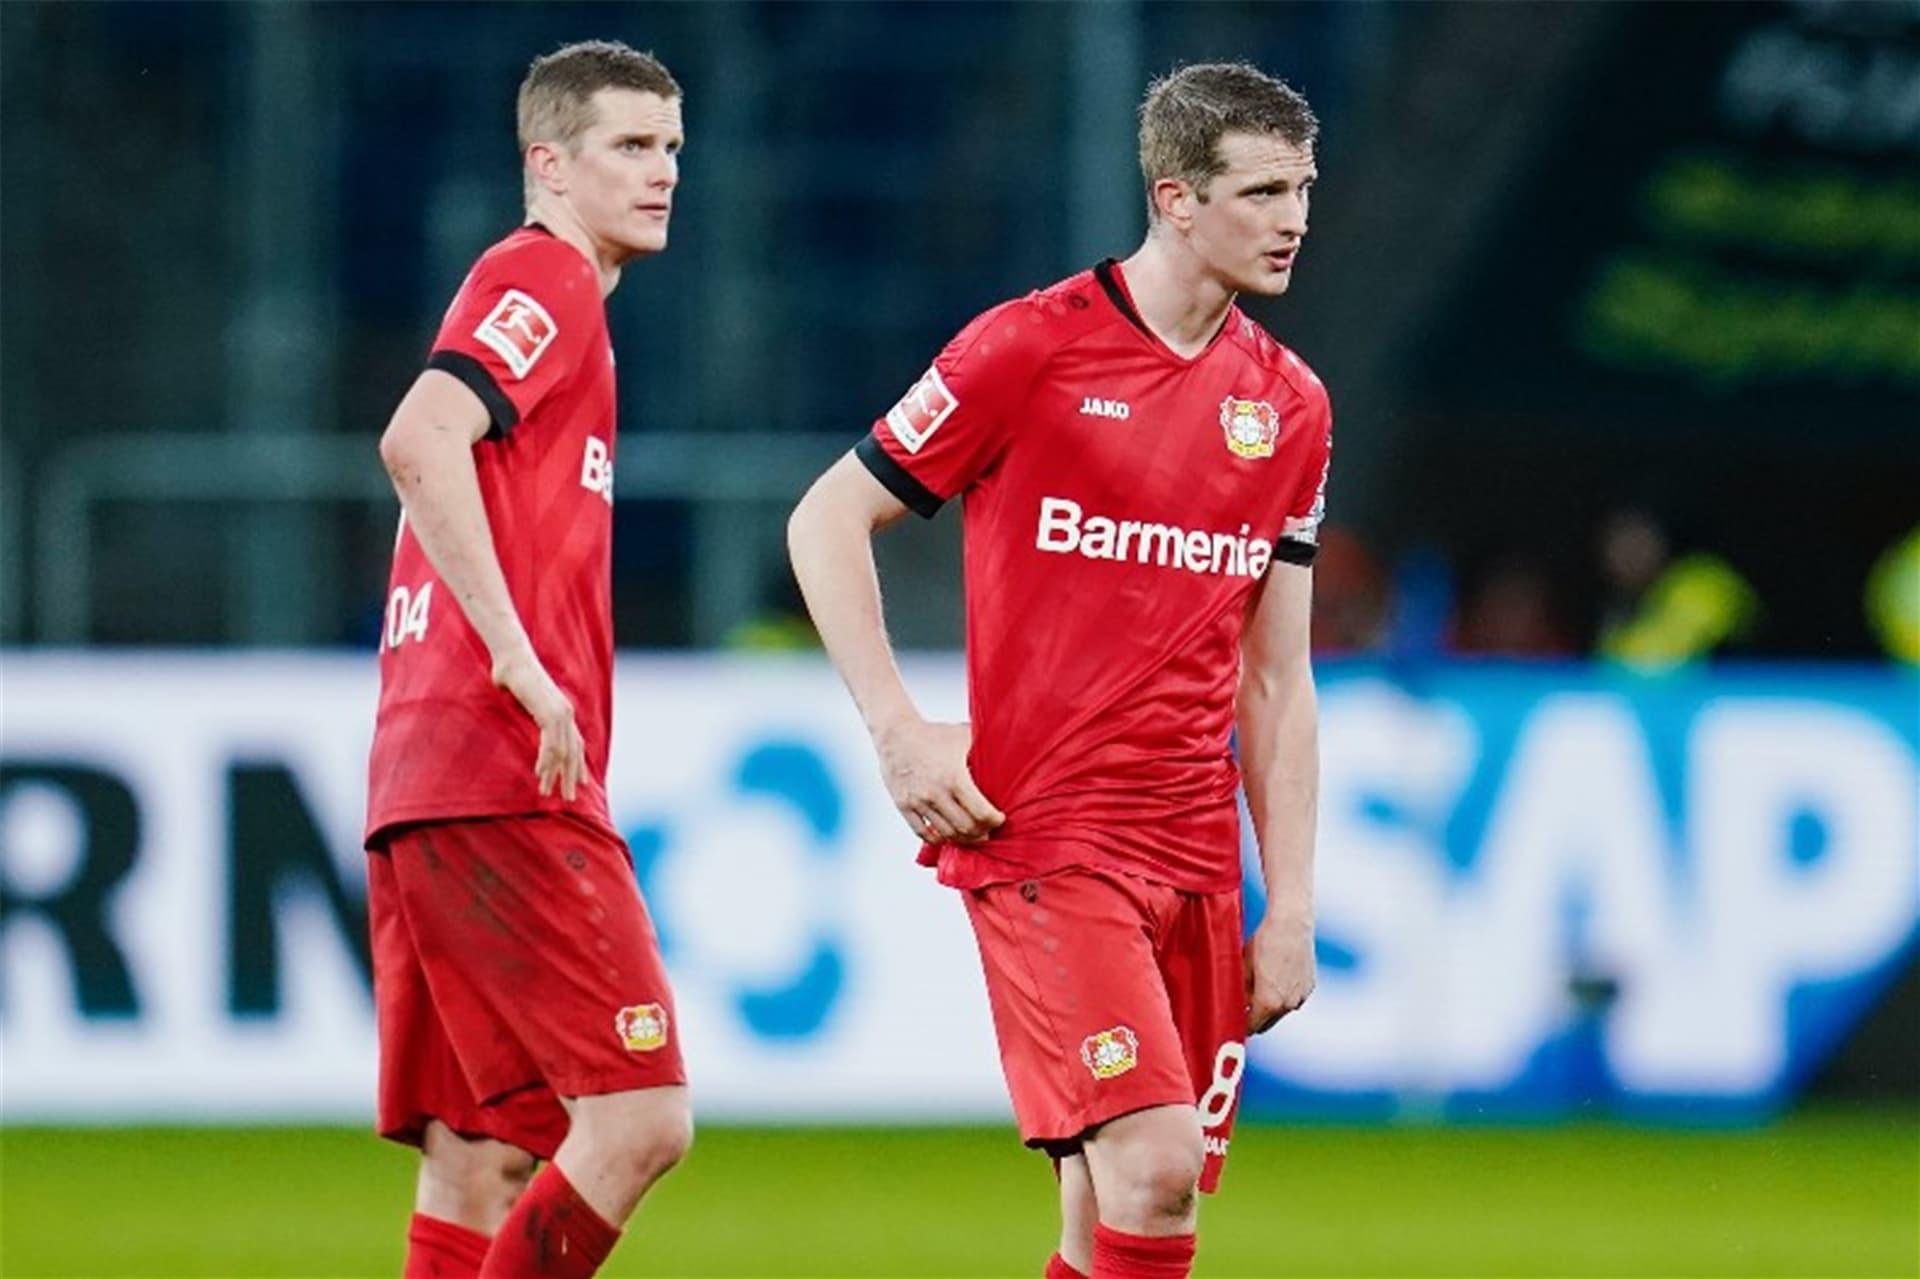 Sie sind Freunde - aber beim Fußball trennt sich ein Dortmunder Brüderpaar zum dritten Mal